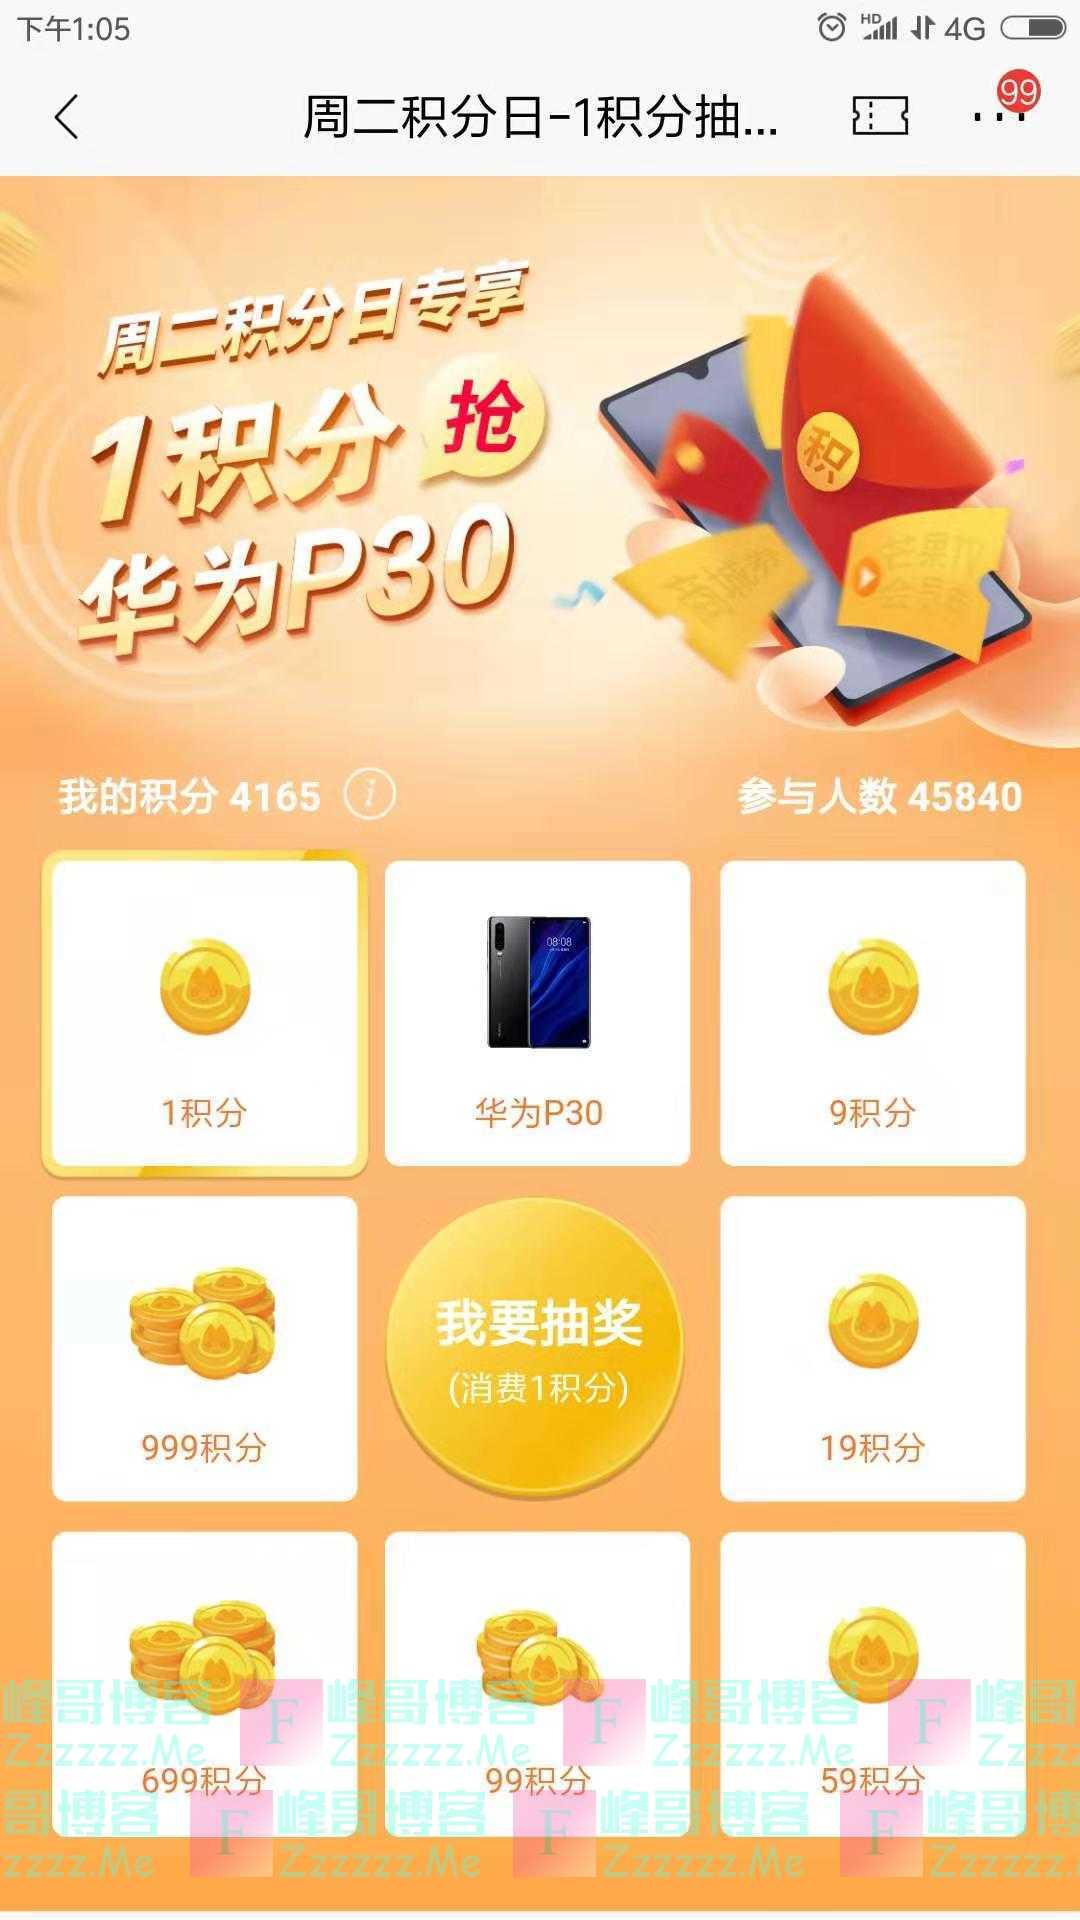 招行周二积分日抽华为手机(截止11月19日)